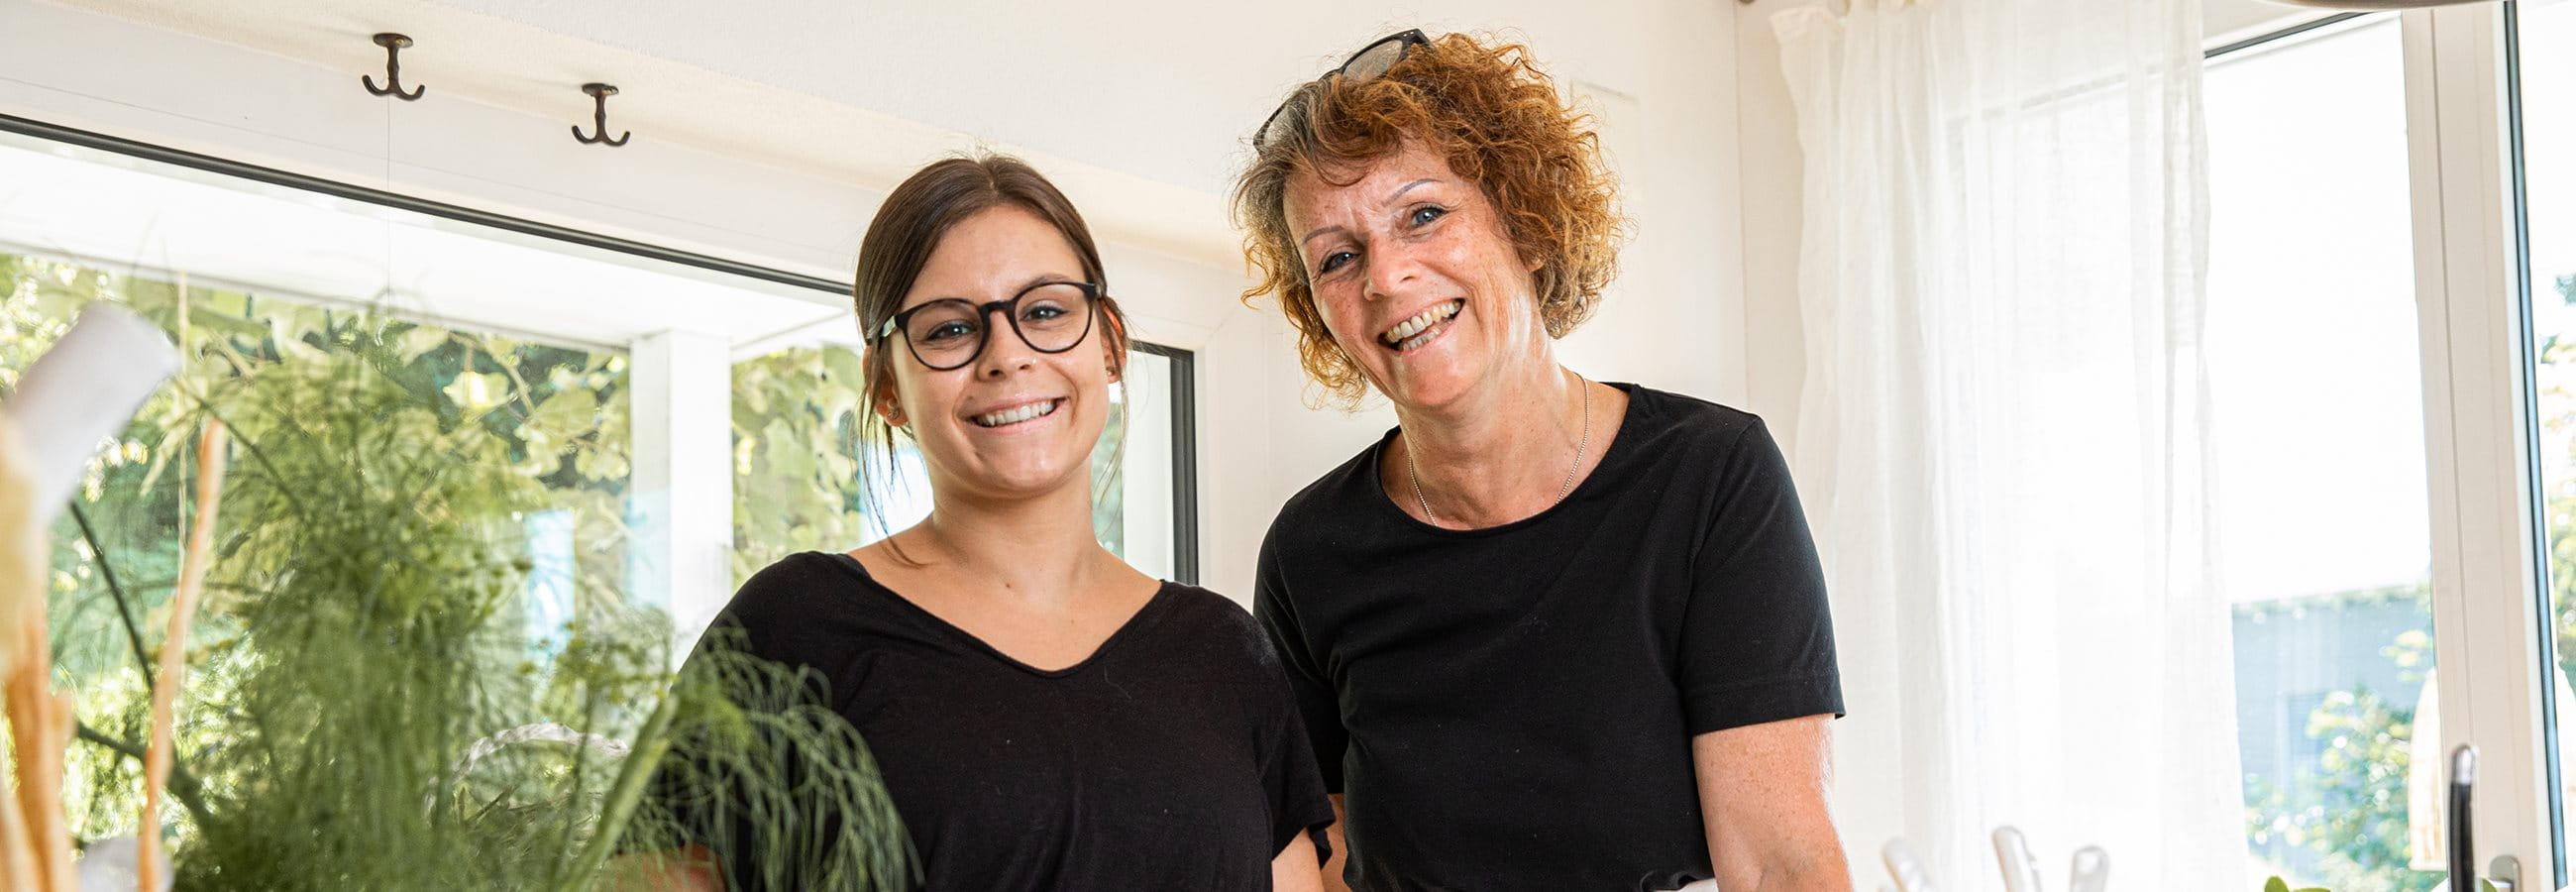 Zwei Frauen lächelnd